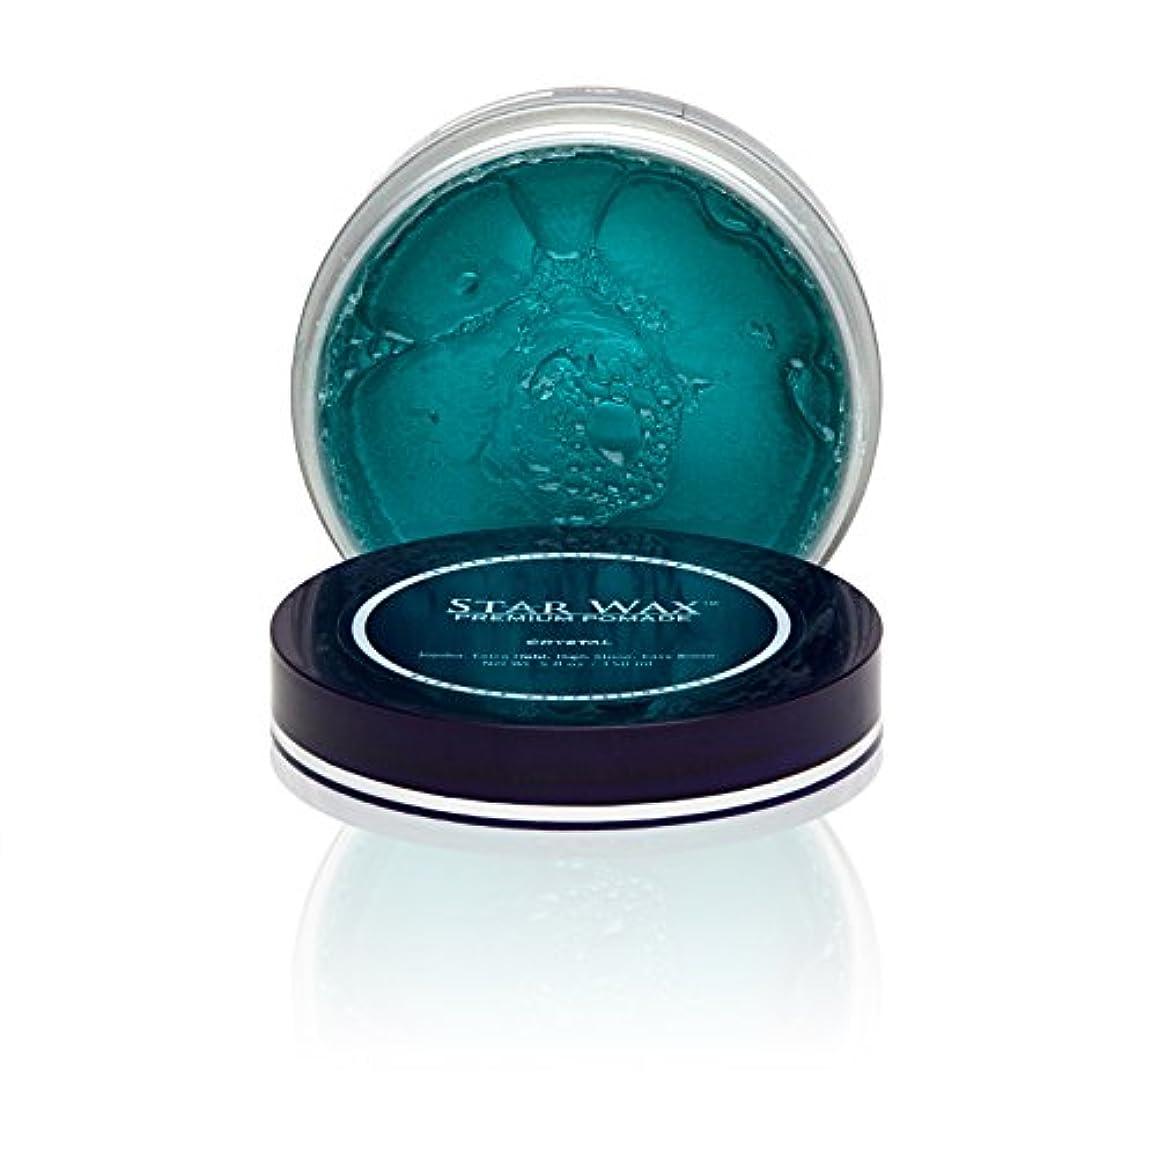 障害イソギンチャクしかしながらStar Wax | Premium Pomade, Crystal(スターワックスプレミアム ポマード「クリスタル」)?Star Pro Line(スタープロライン)製?5(液量)オンス/150ml